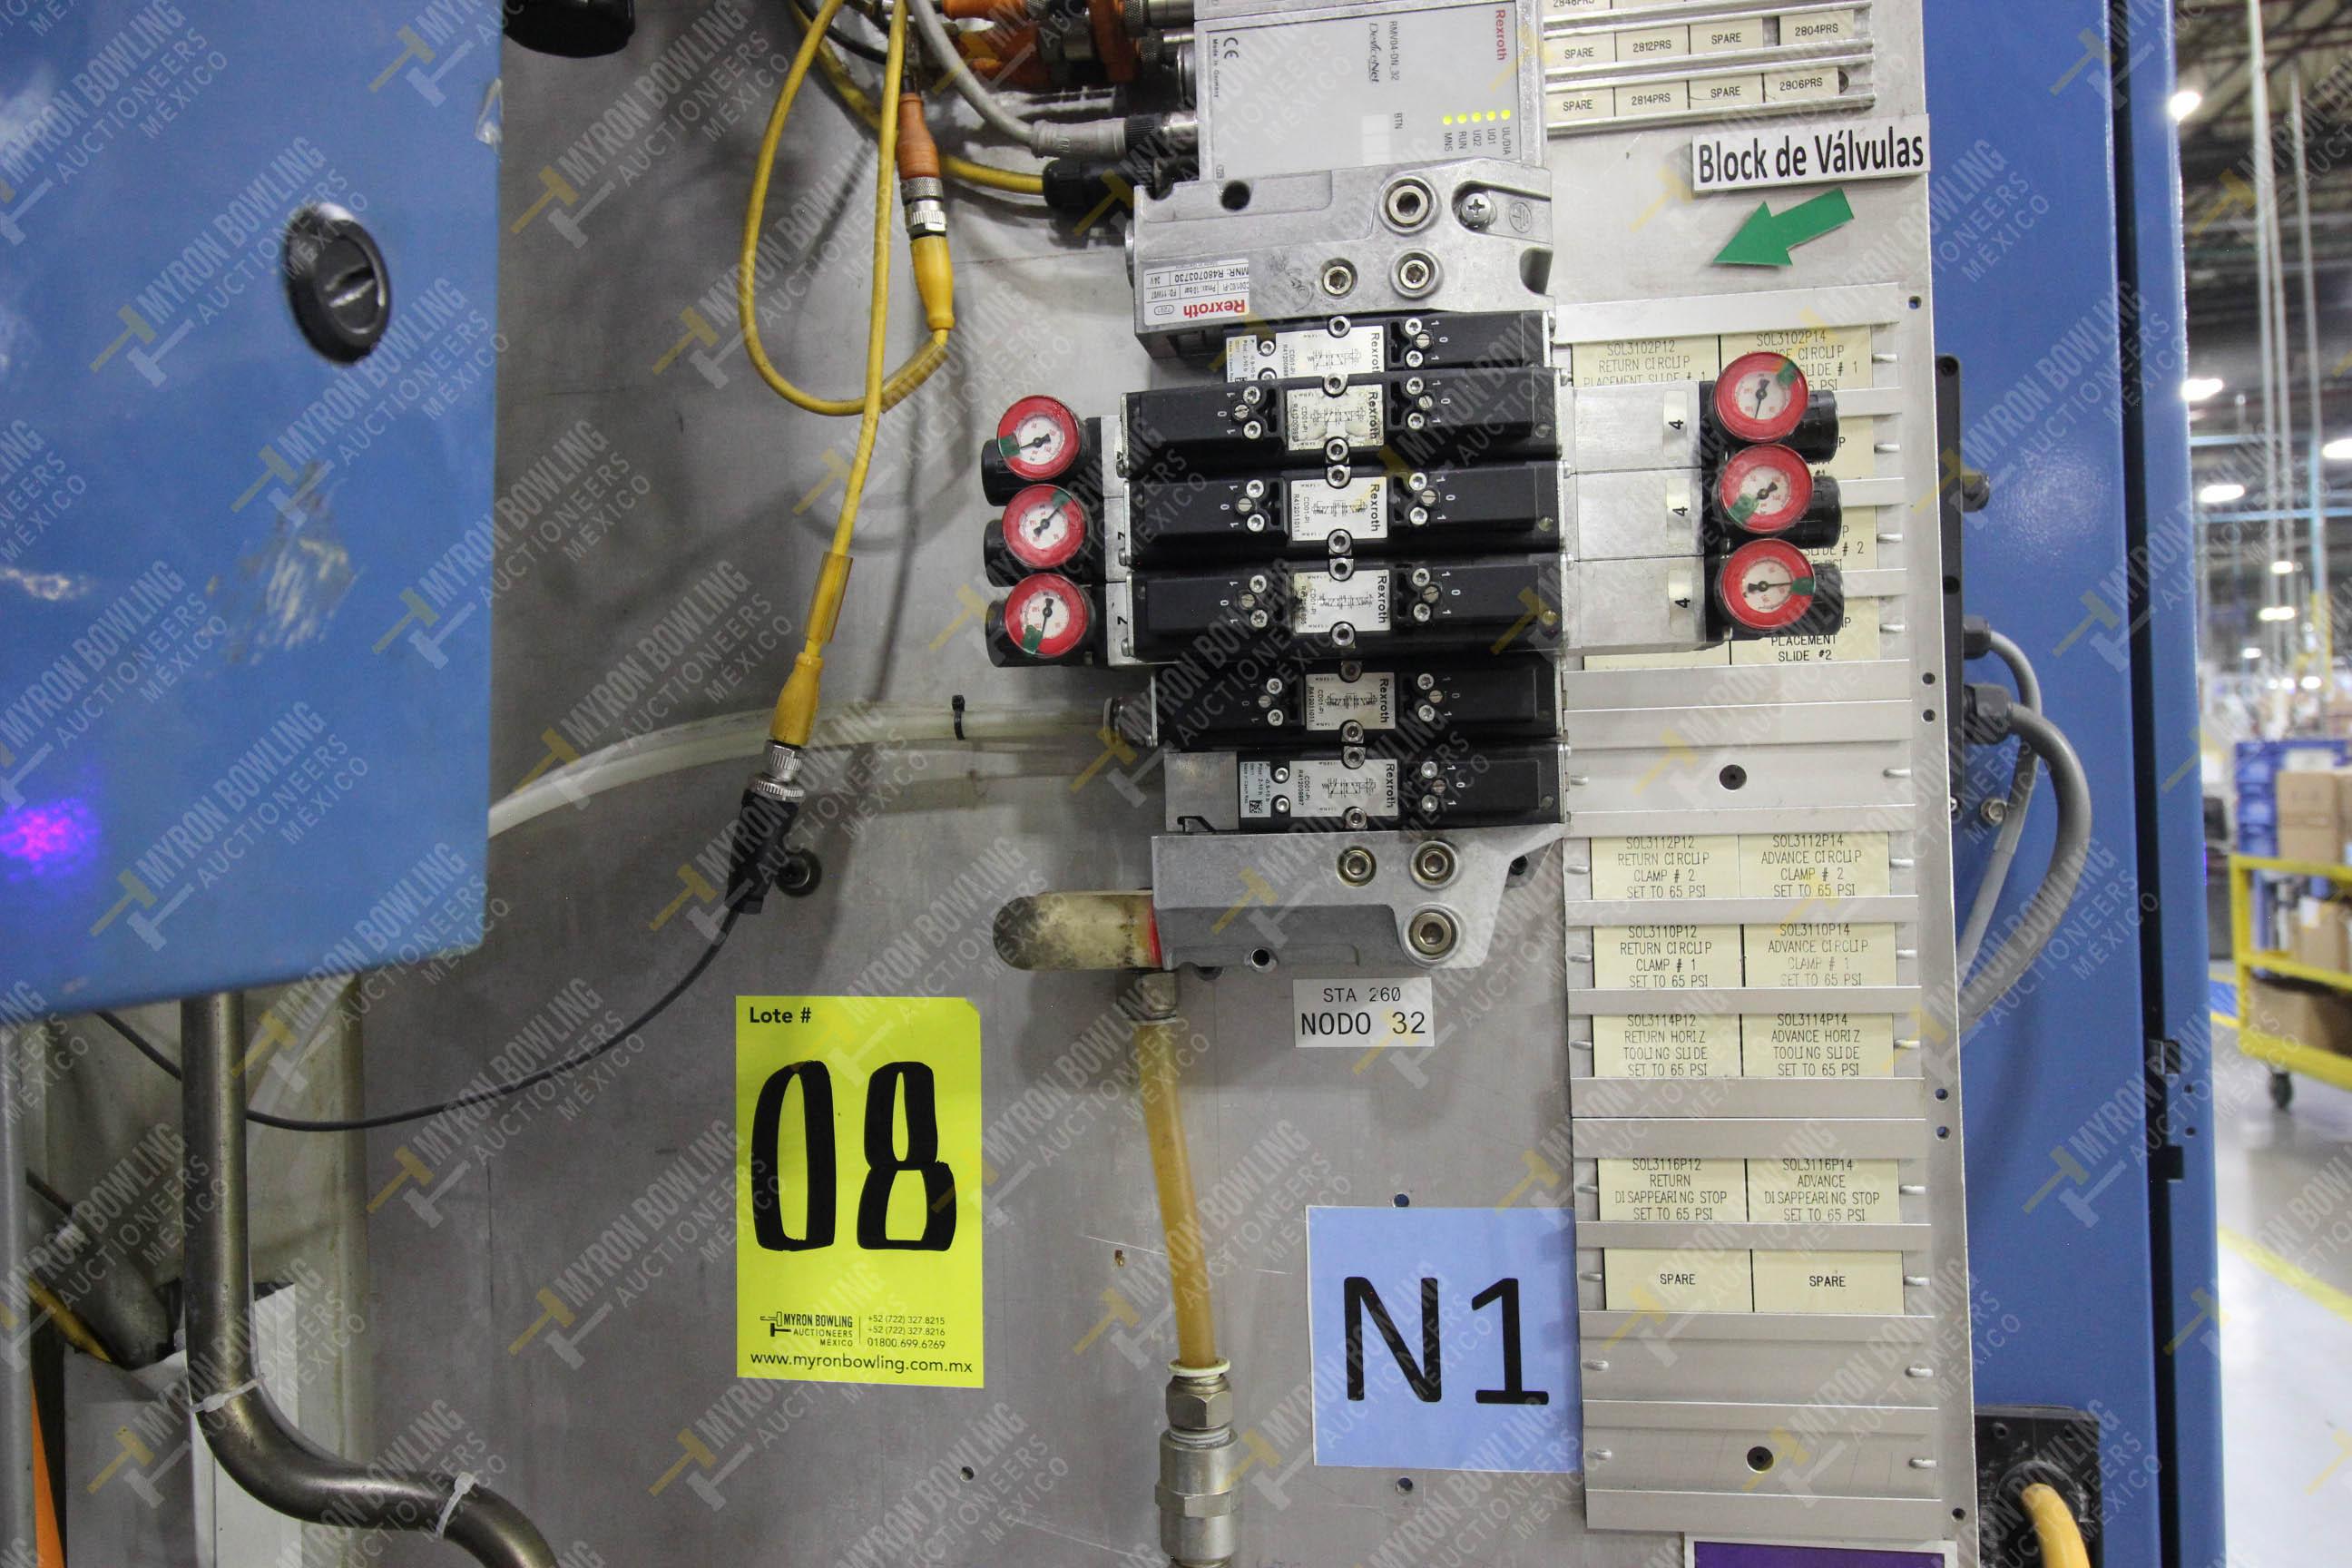 Estación semiautomática para operación 260 de ensamble - Image 15 of 20